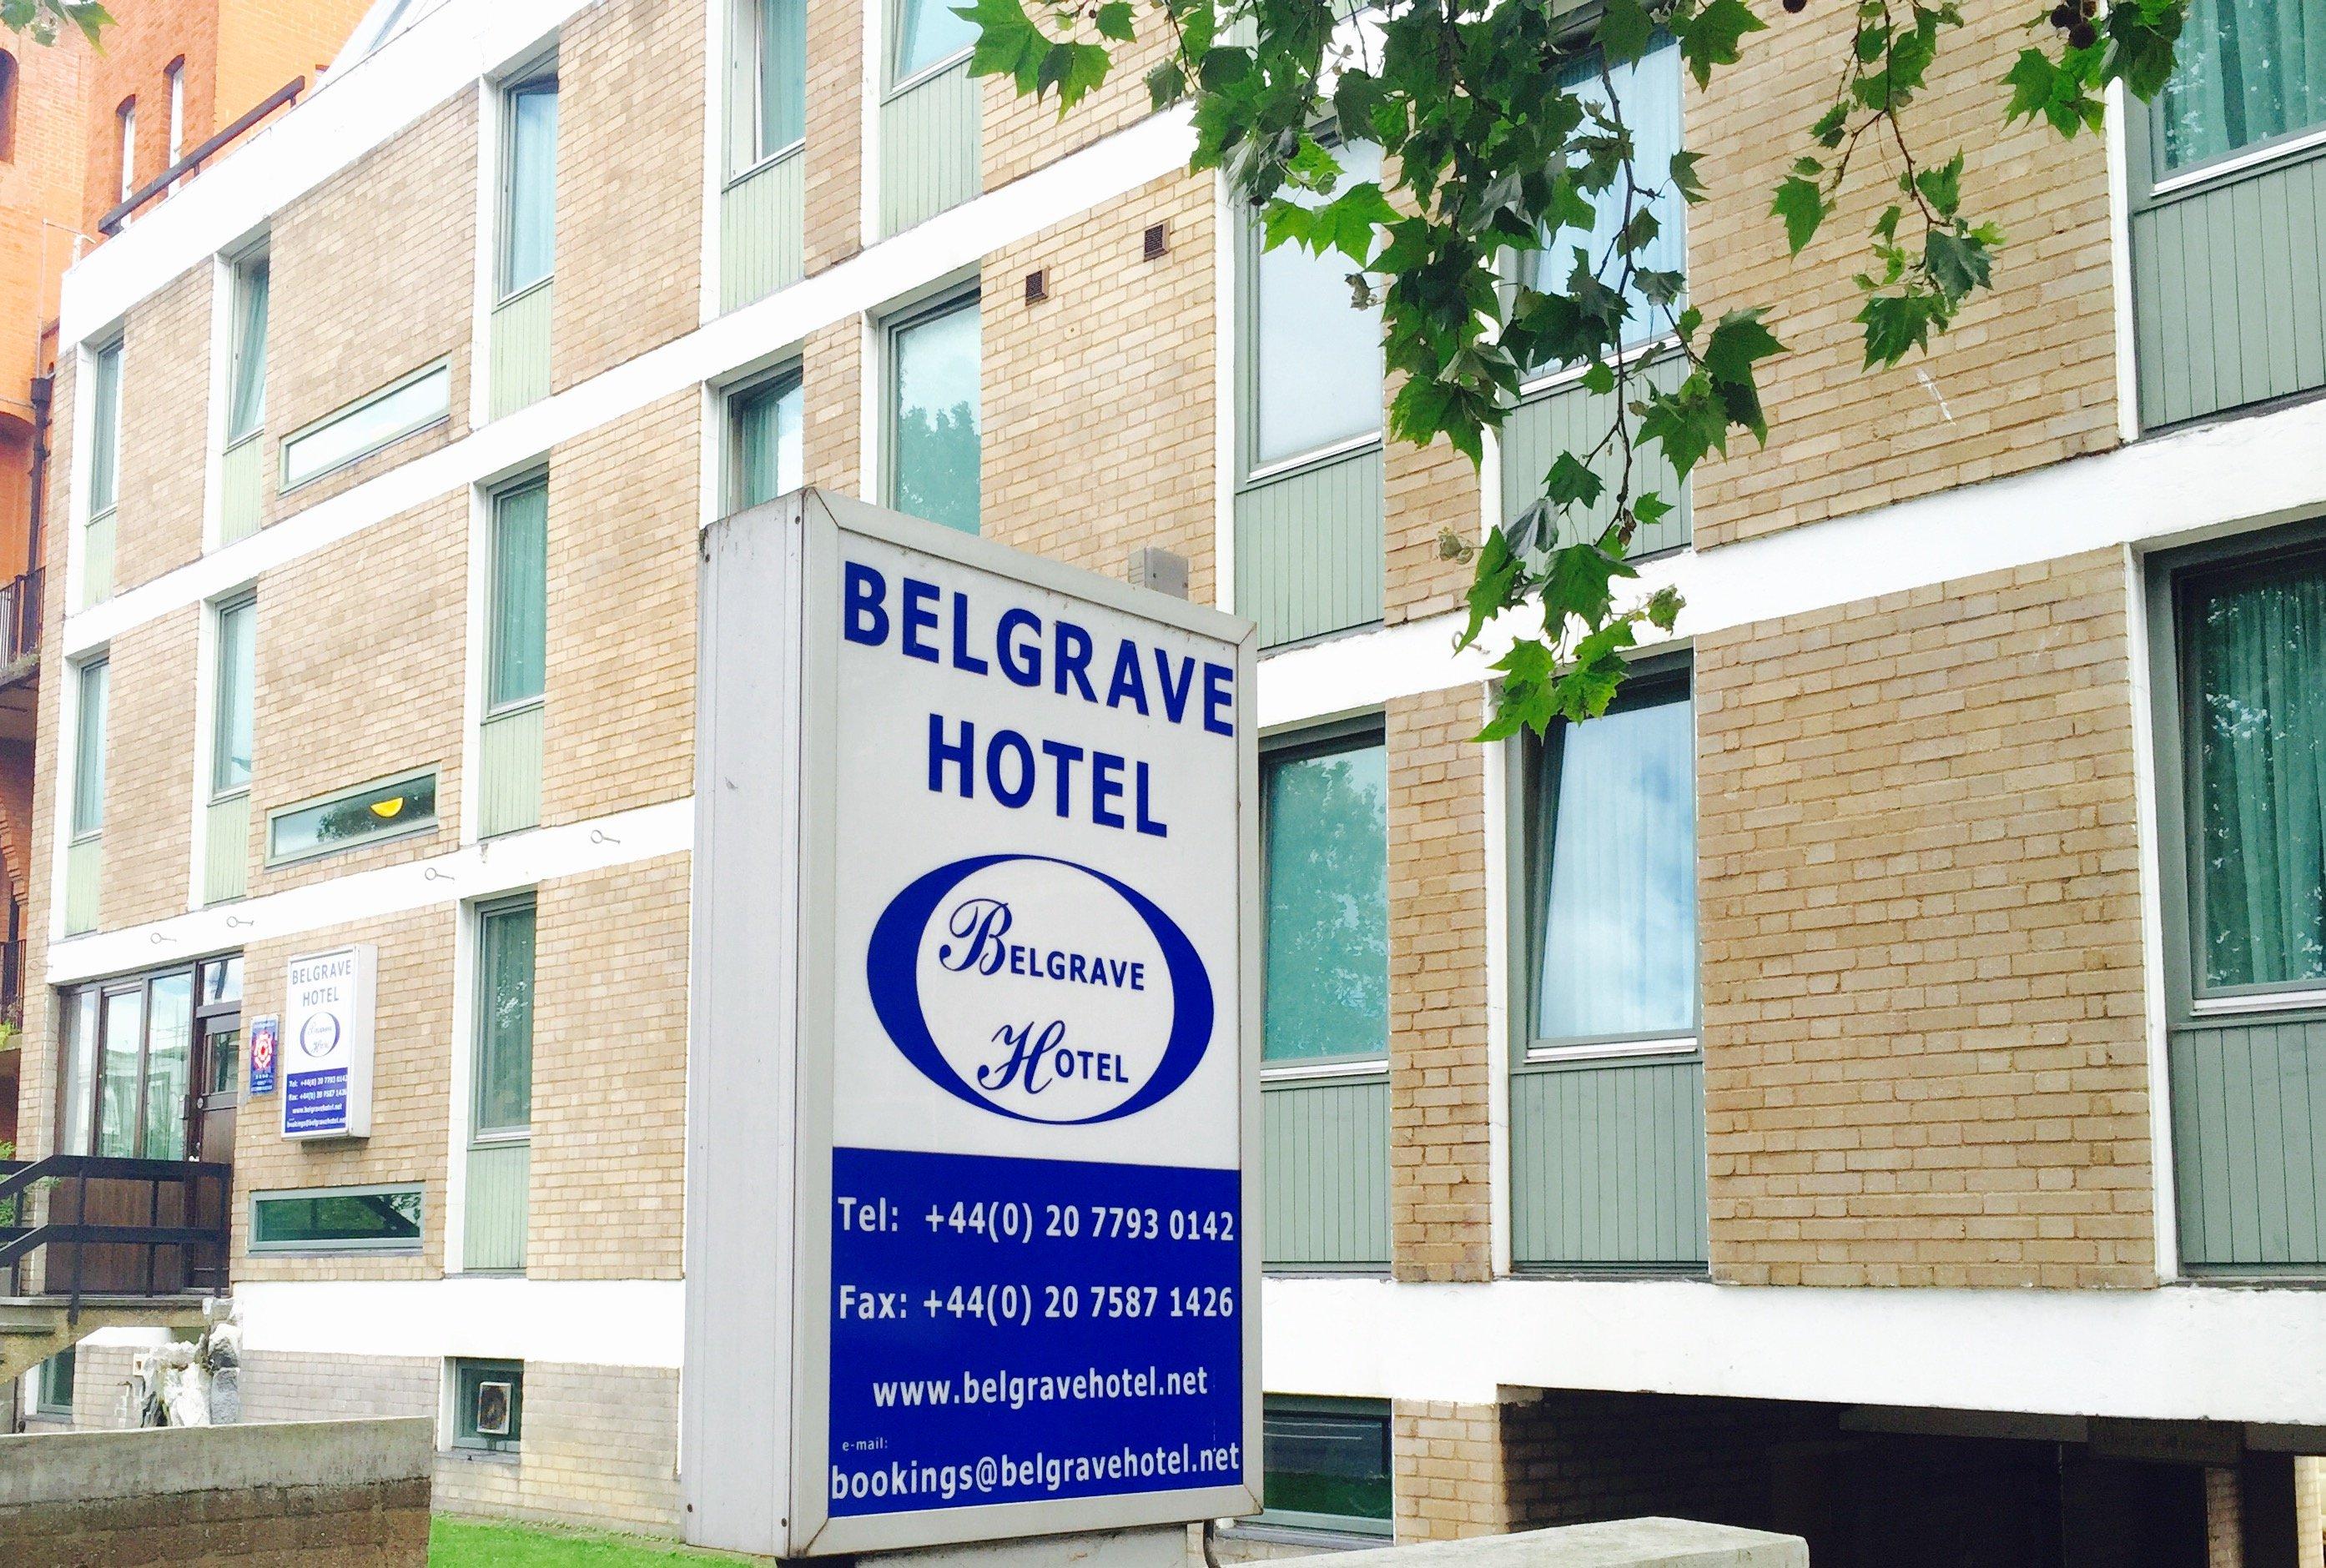 벨그레이브 호텔